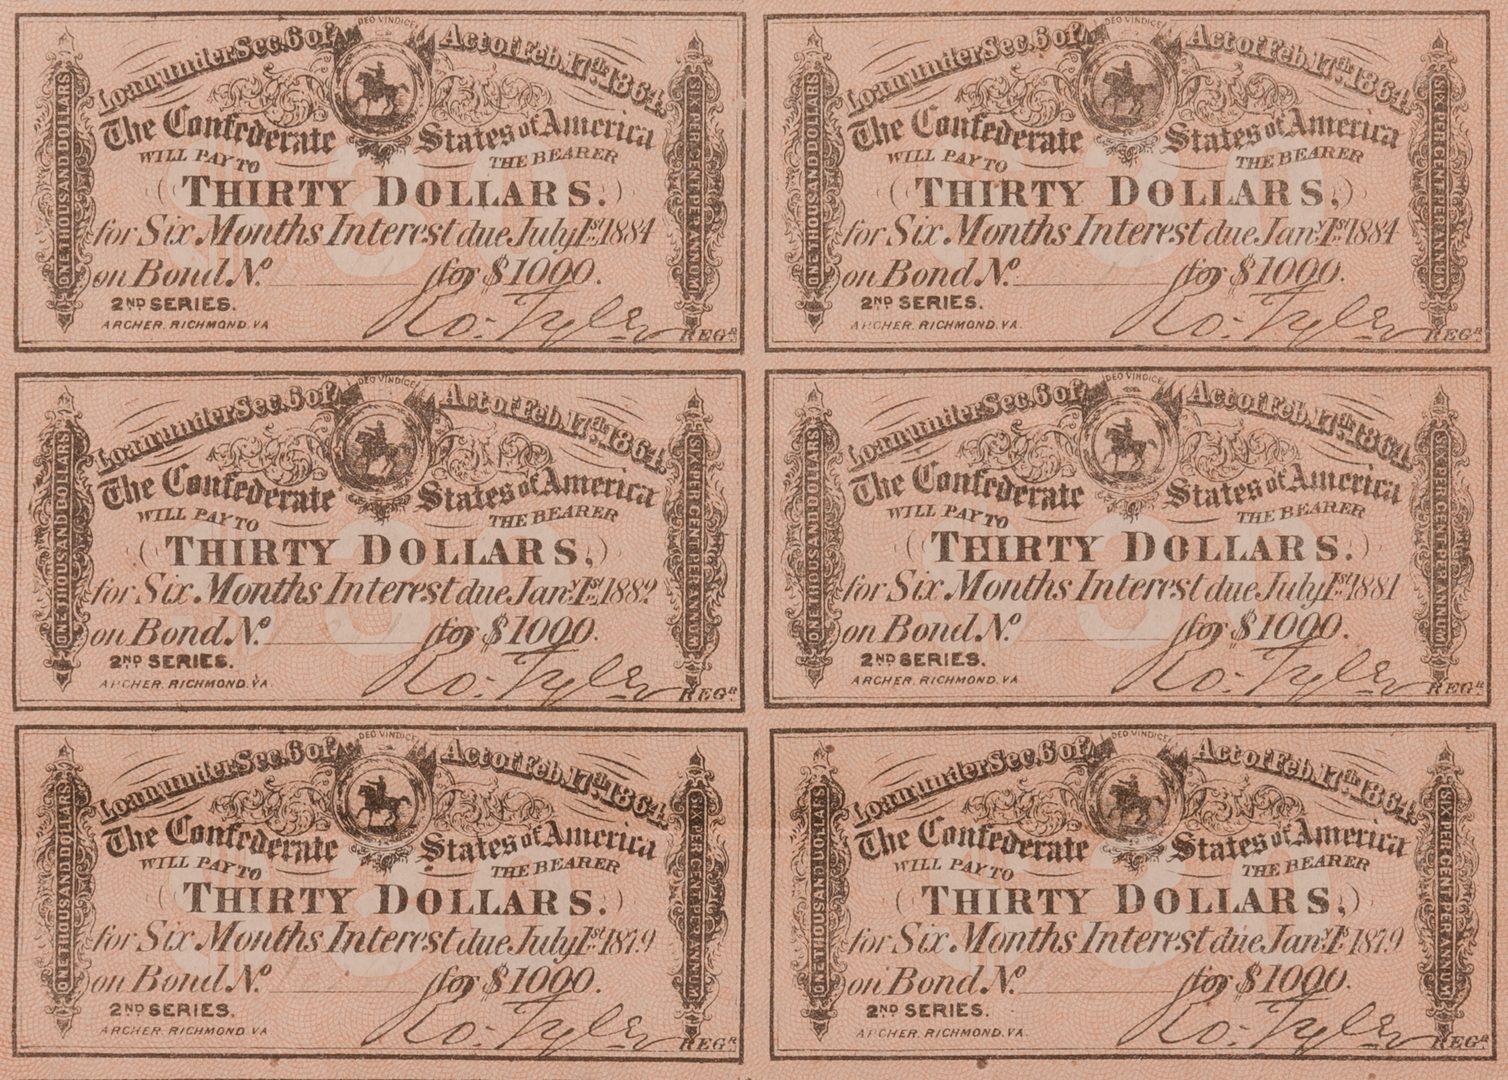 Lot 233: 3 Sheets Confederate Bonds